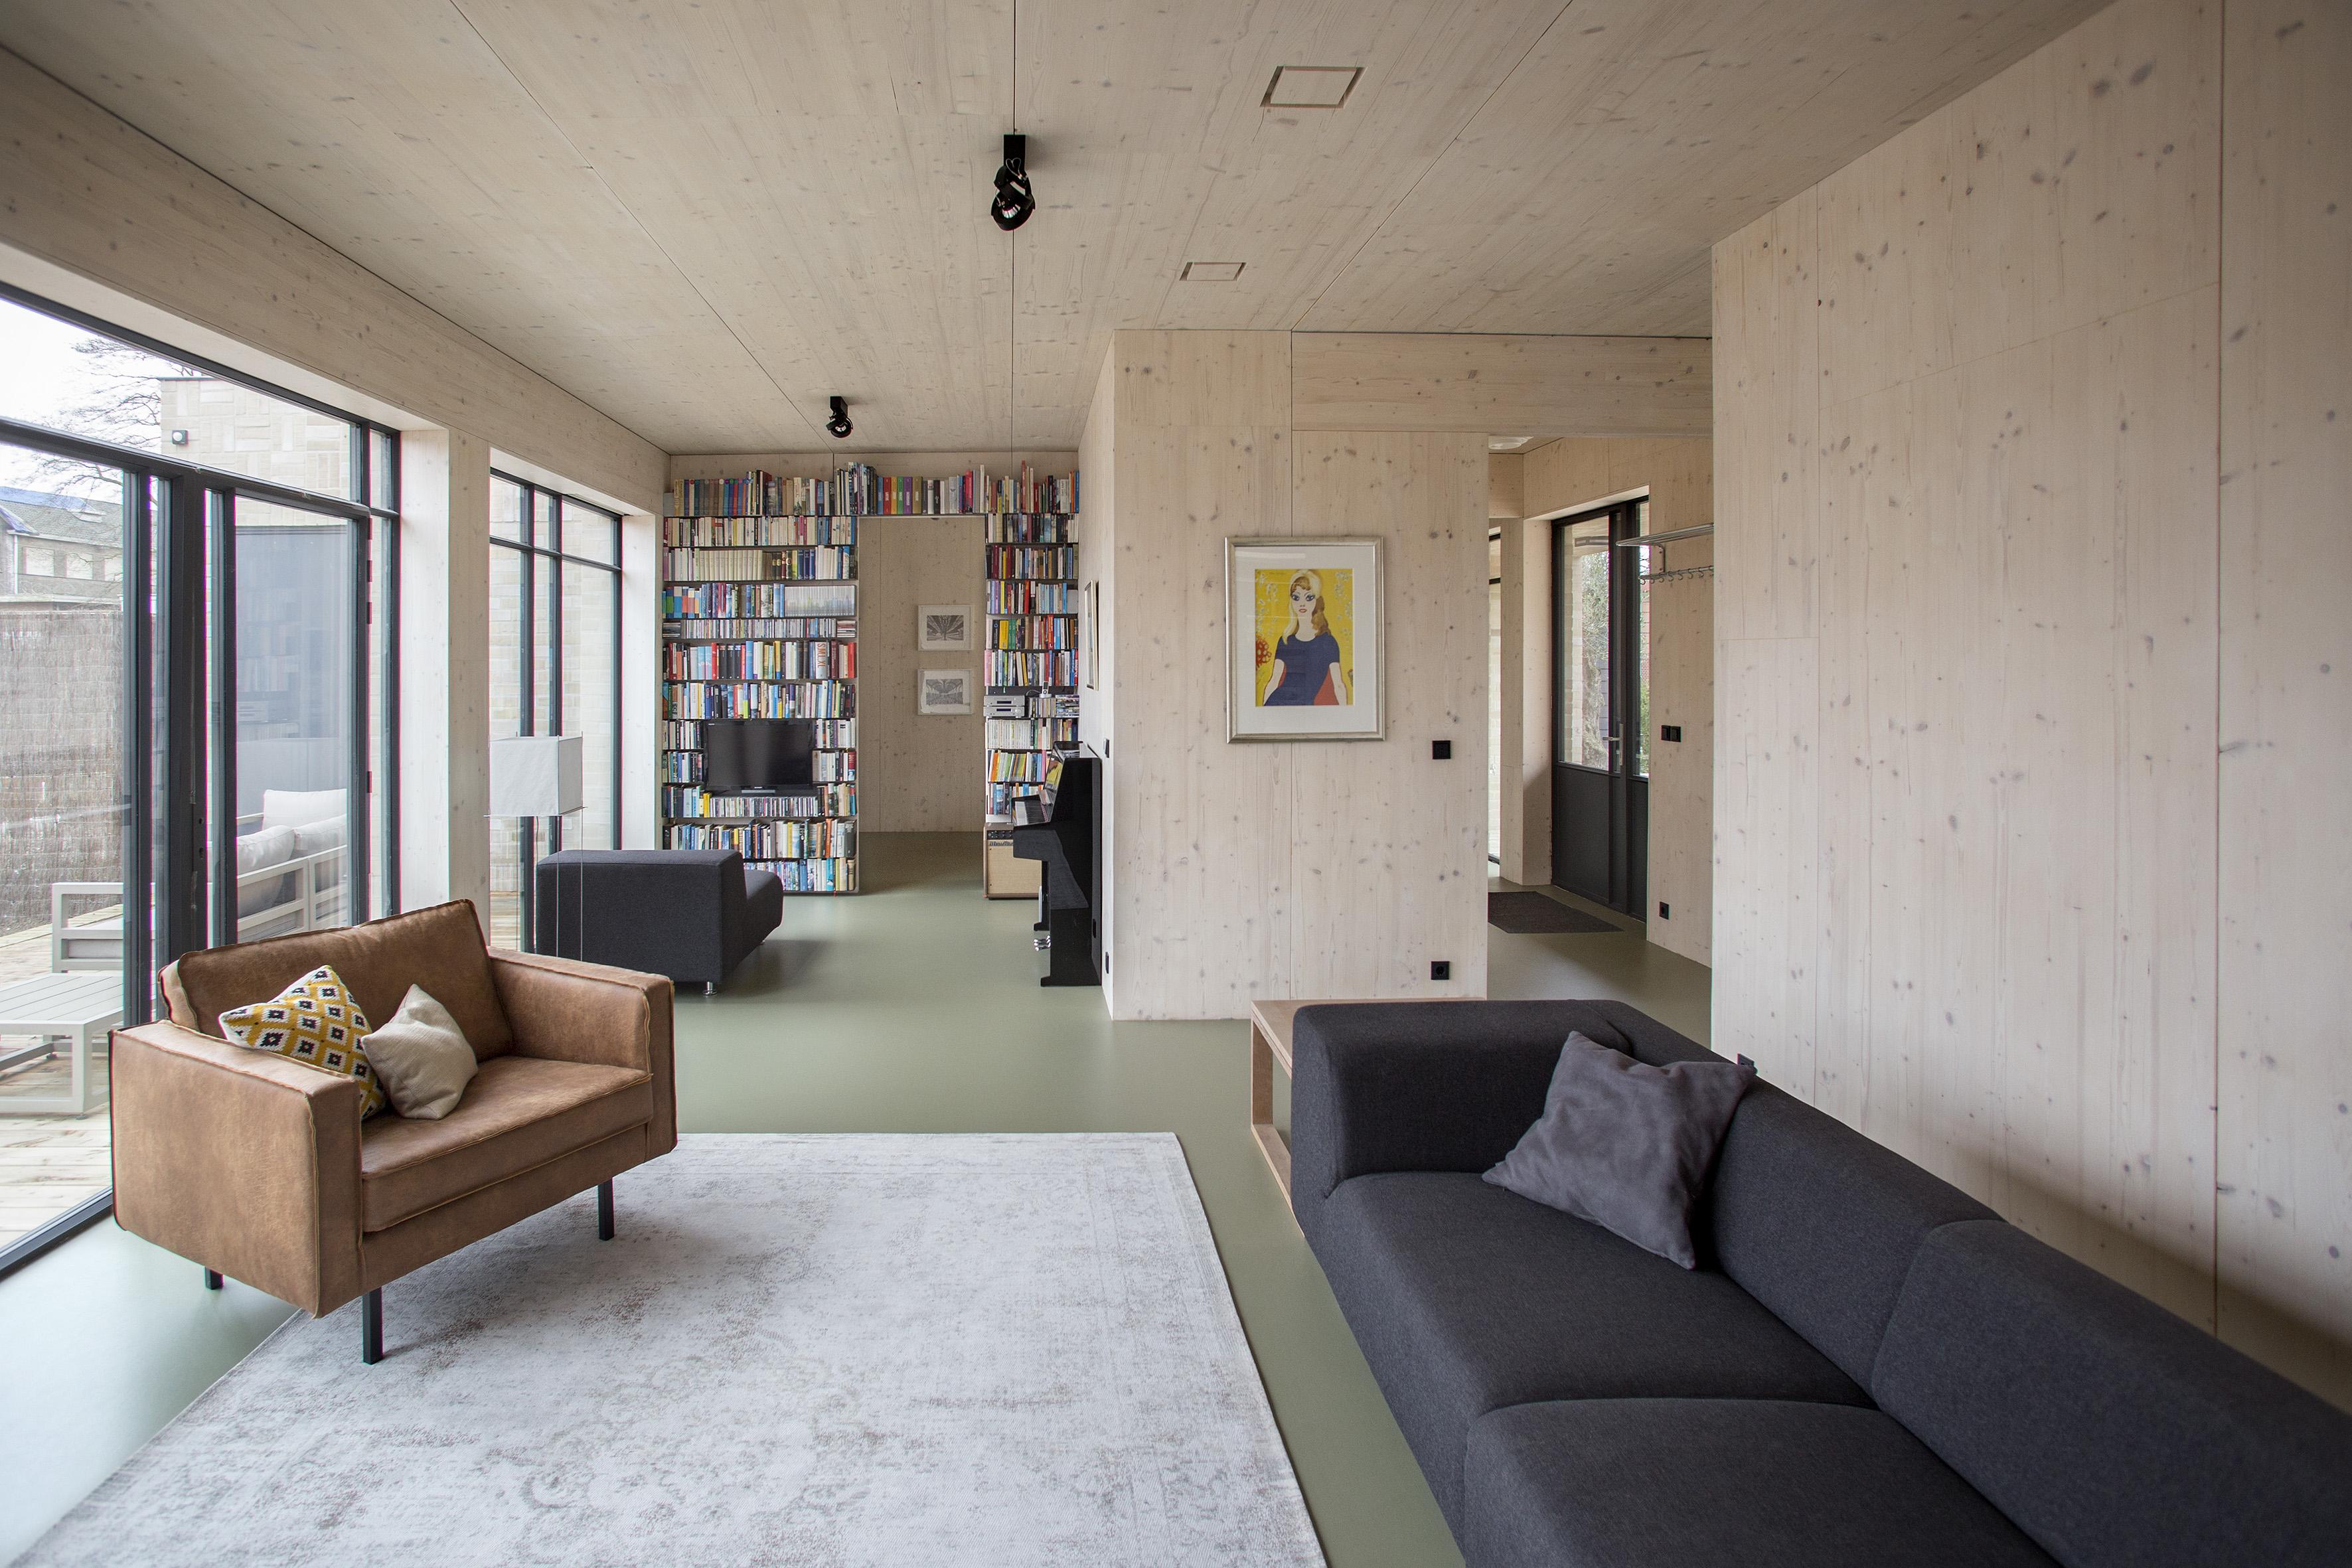 Arc interieur active house schiedam u kaw de architect